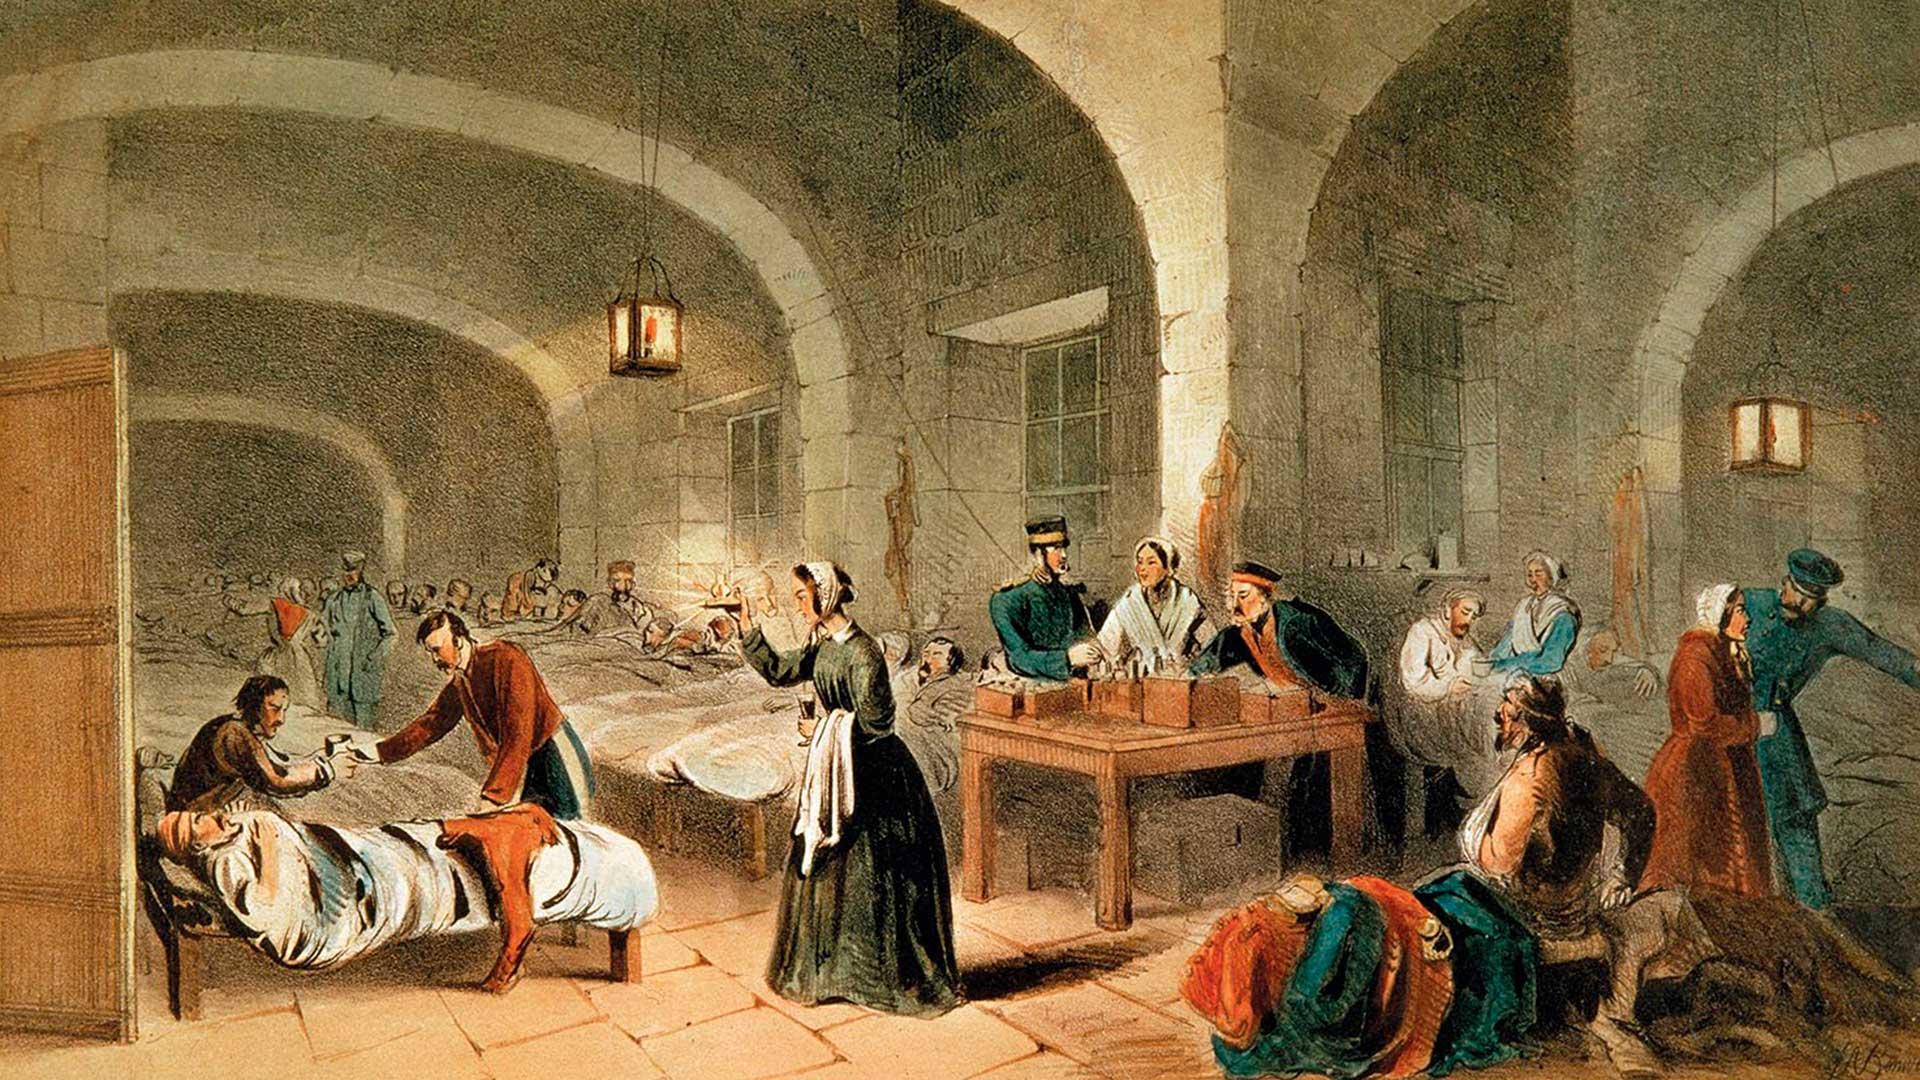 Enfermería Nightingale